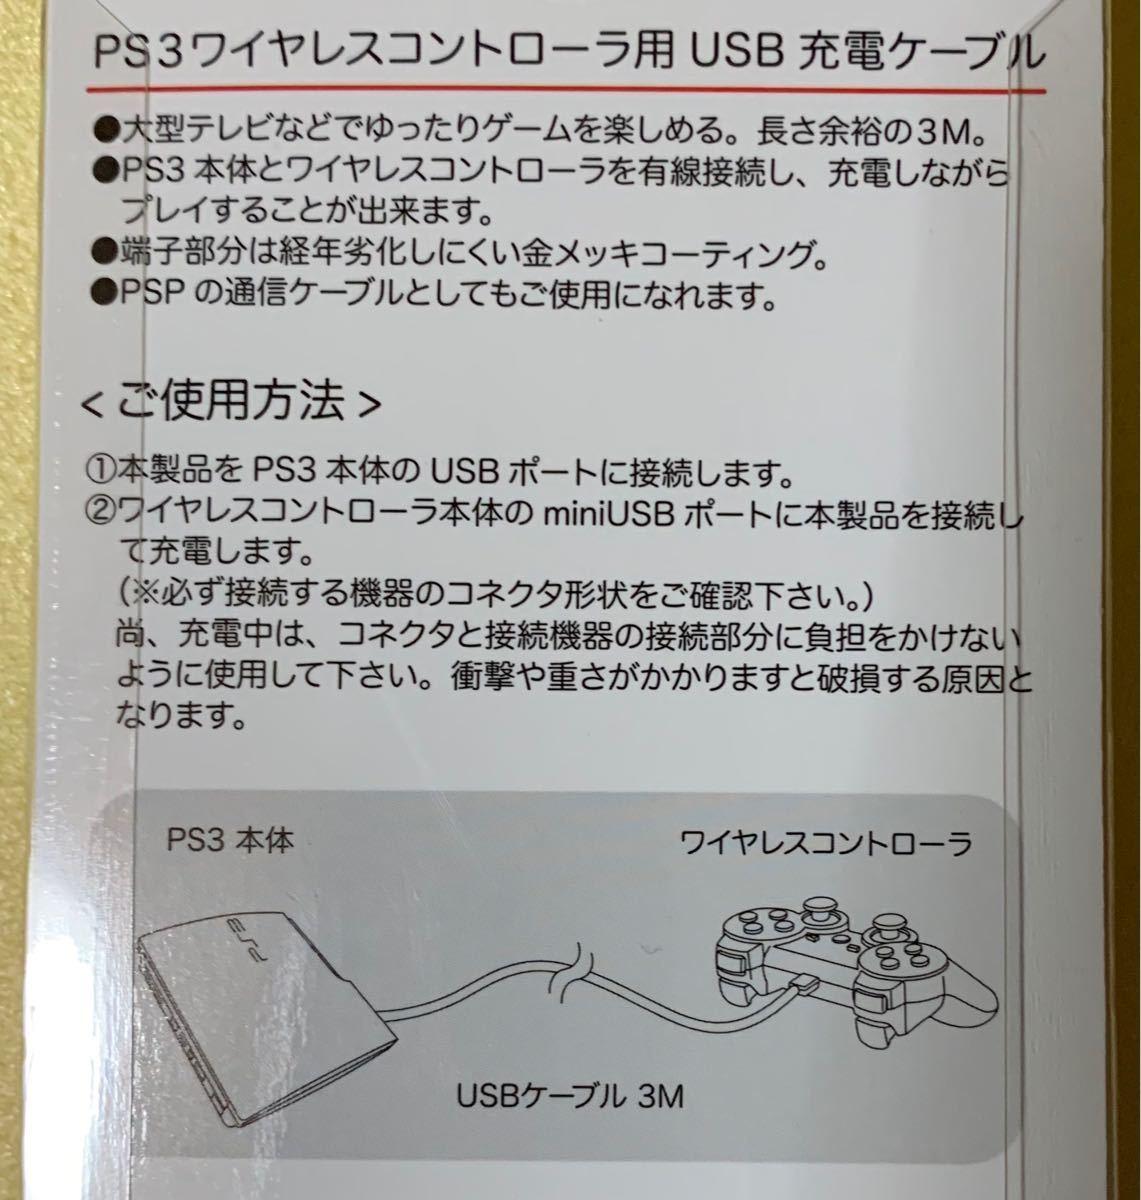 PS 3ワイヤレスコントローラ用USB充電ケーブル